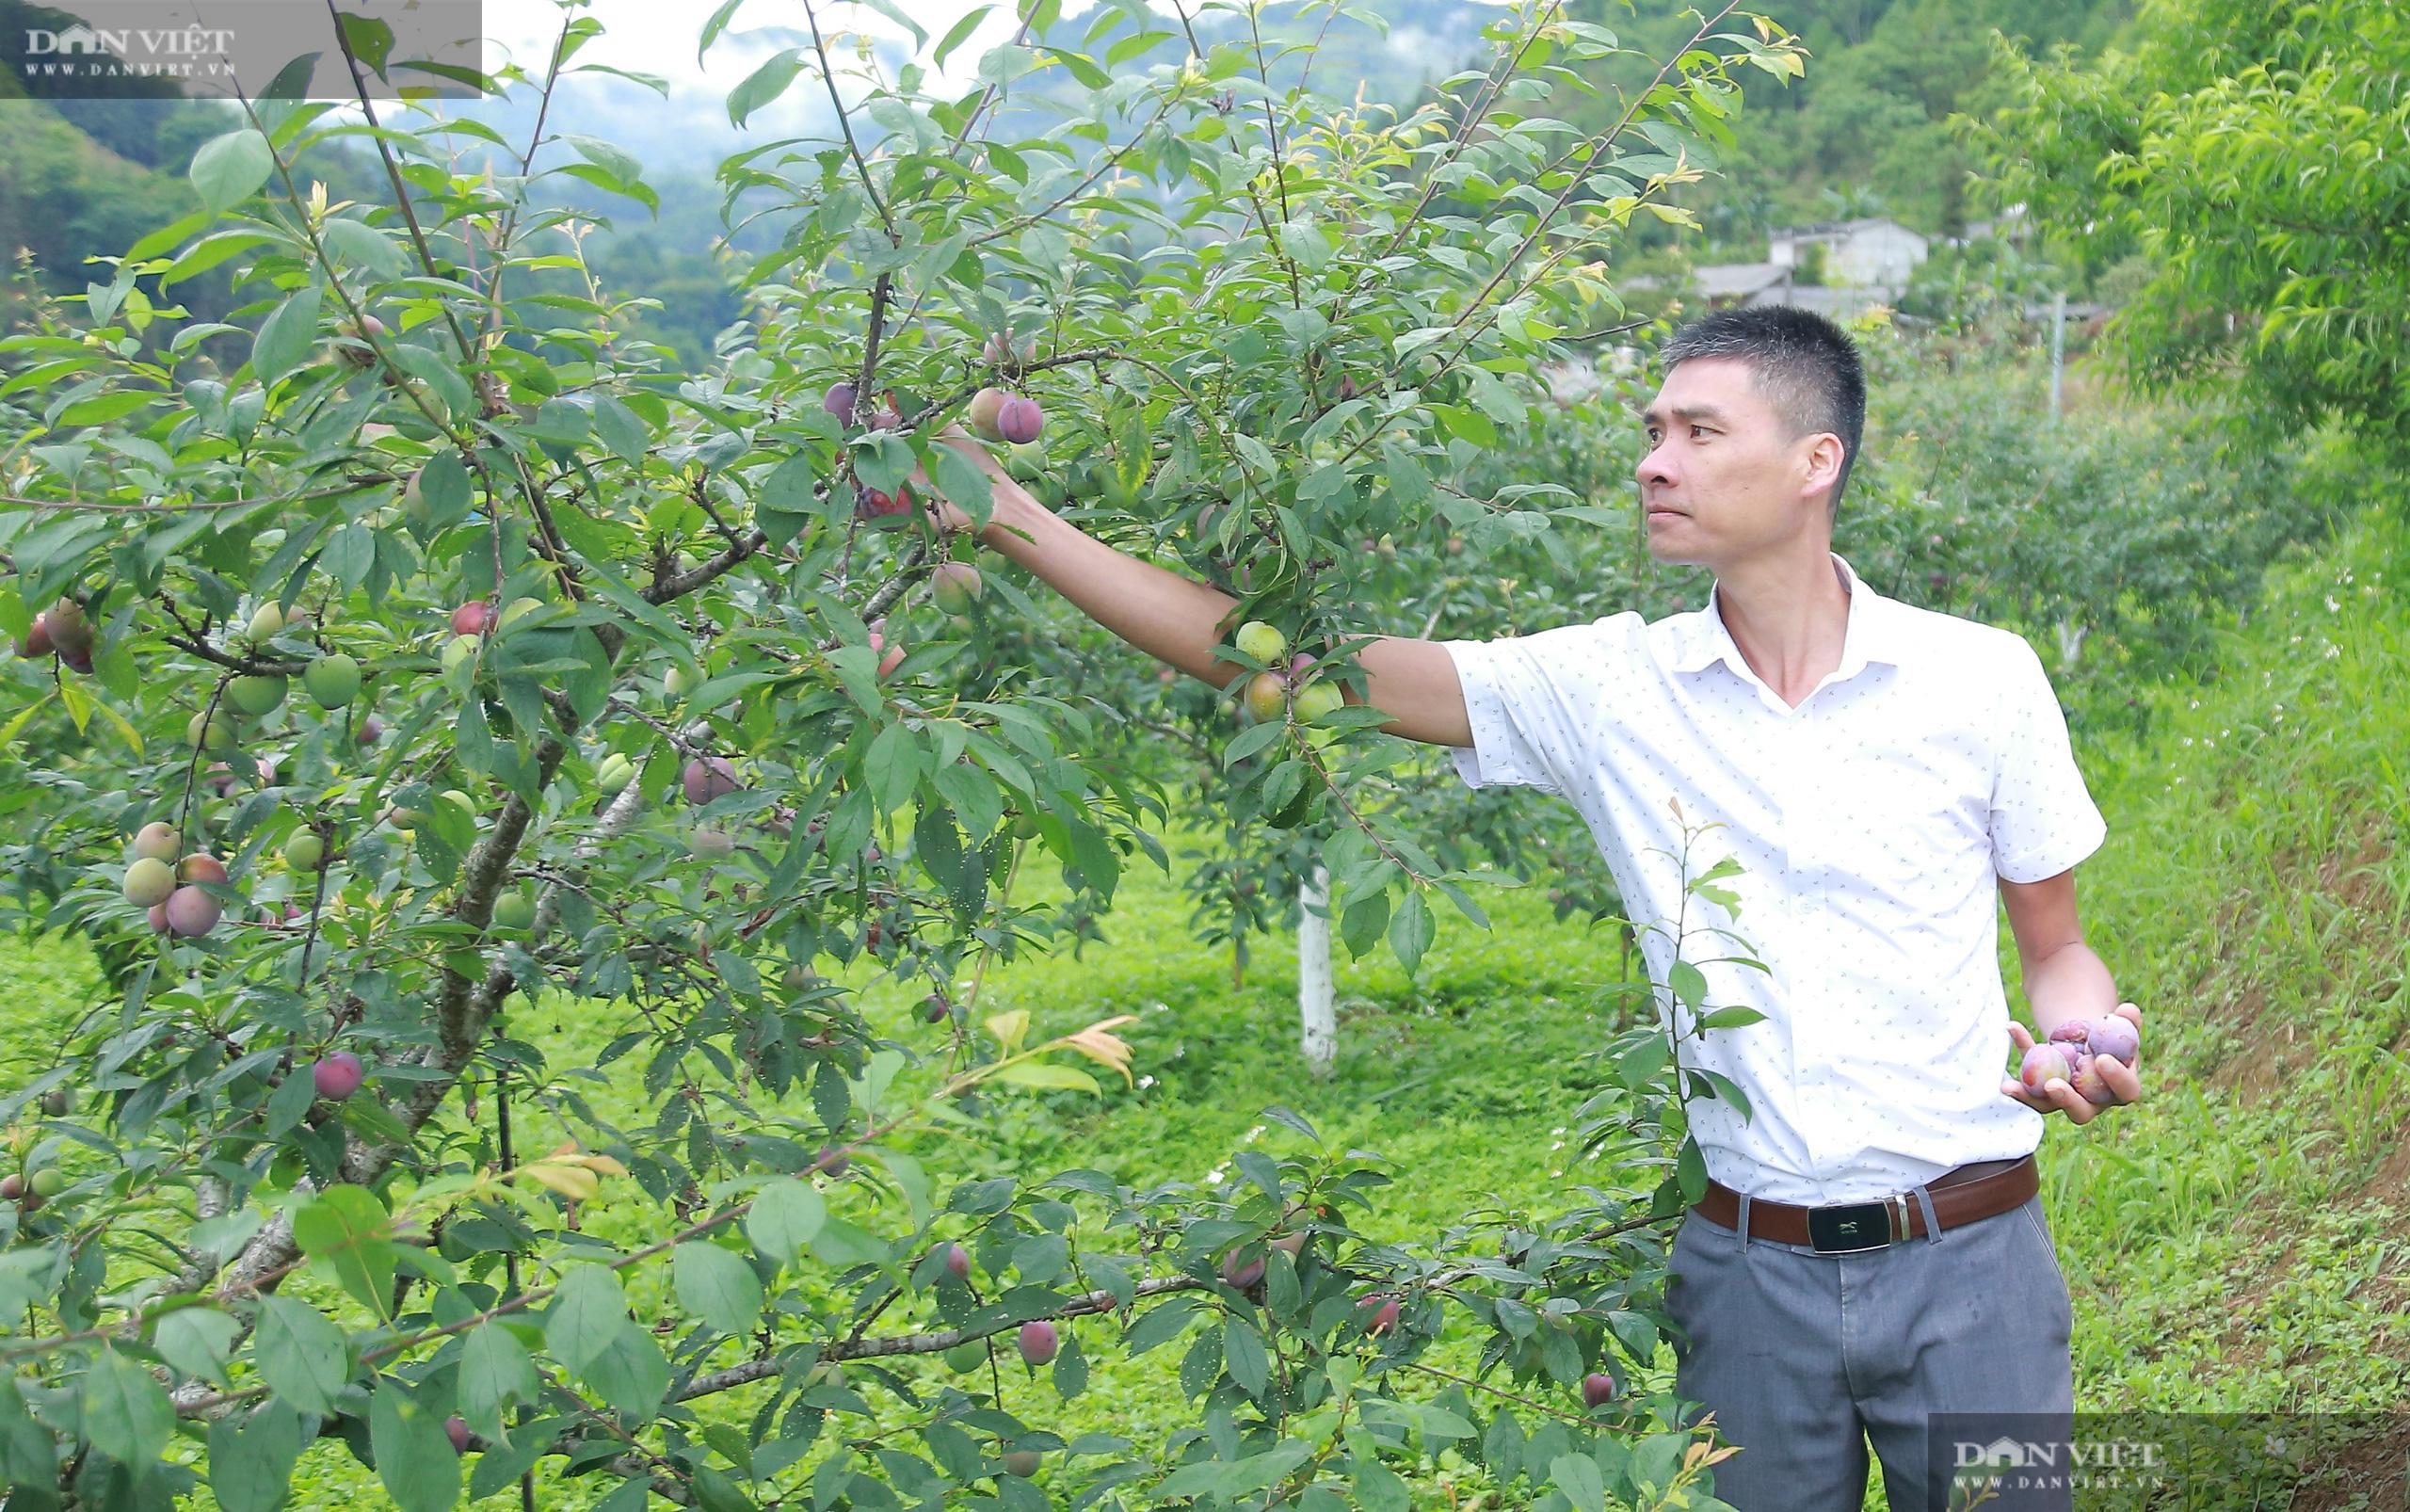 Chủ tịch Hội Nông dân Việt Nam thăm trại nghiên cứu cây ăn quả đặc sản ở biên giới - Ảnh 7.